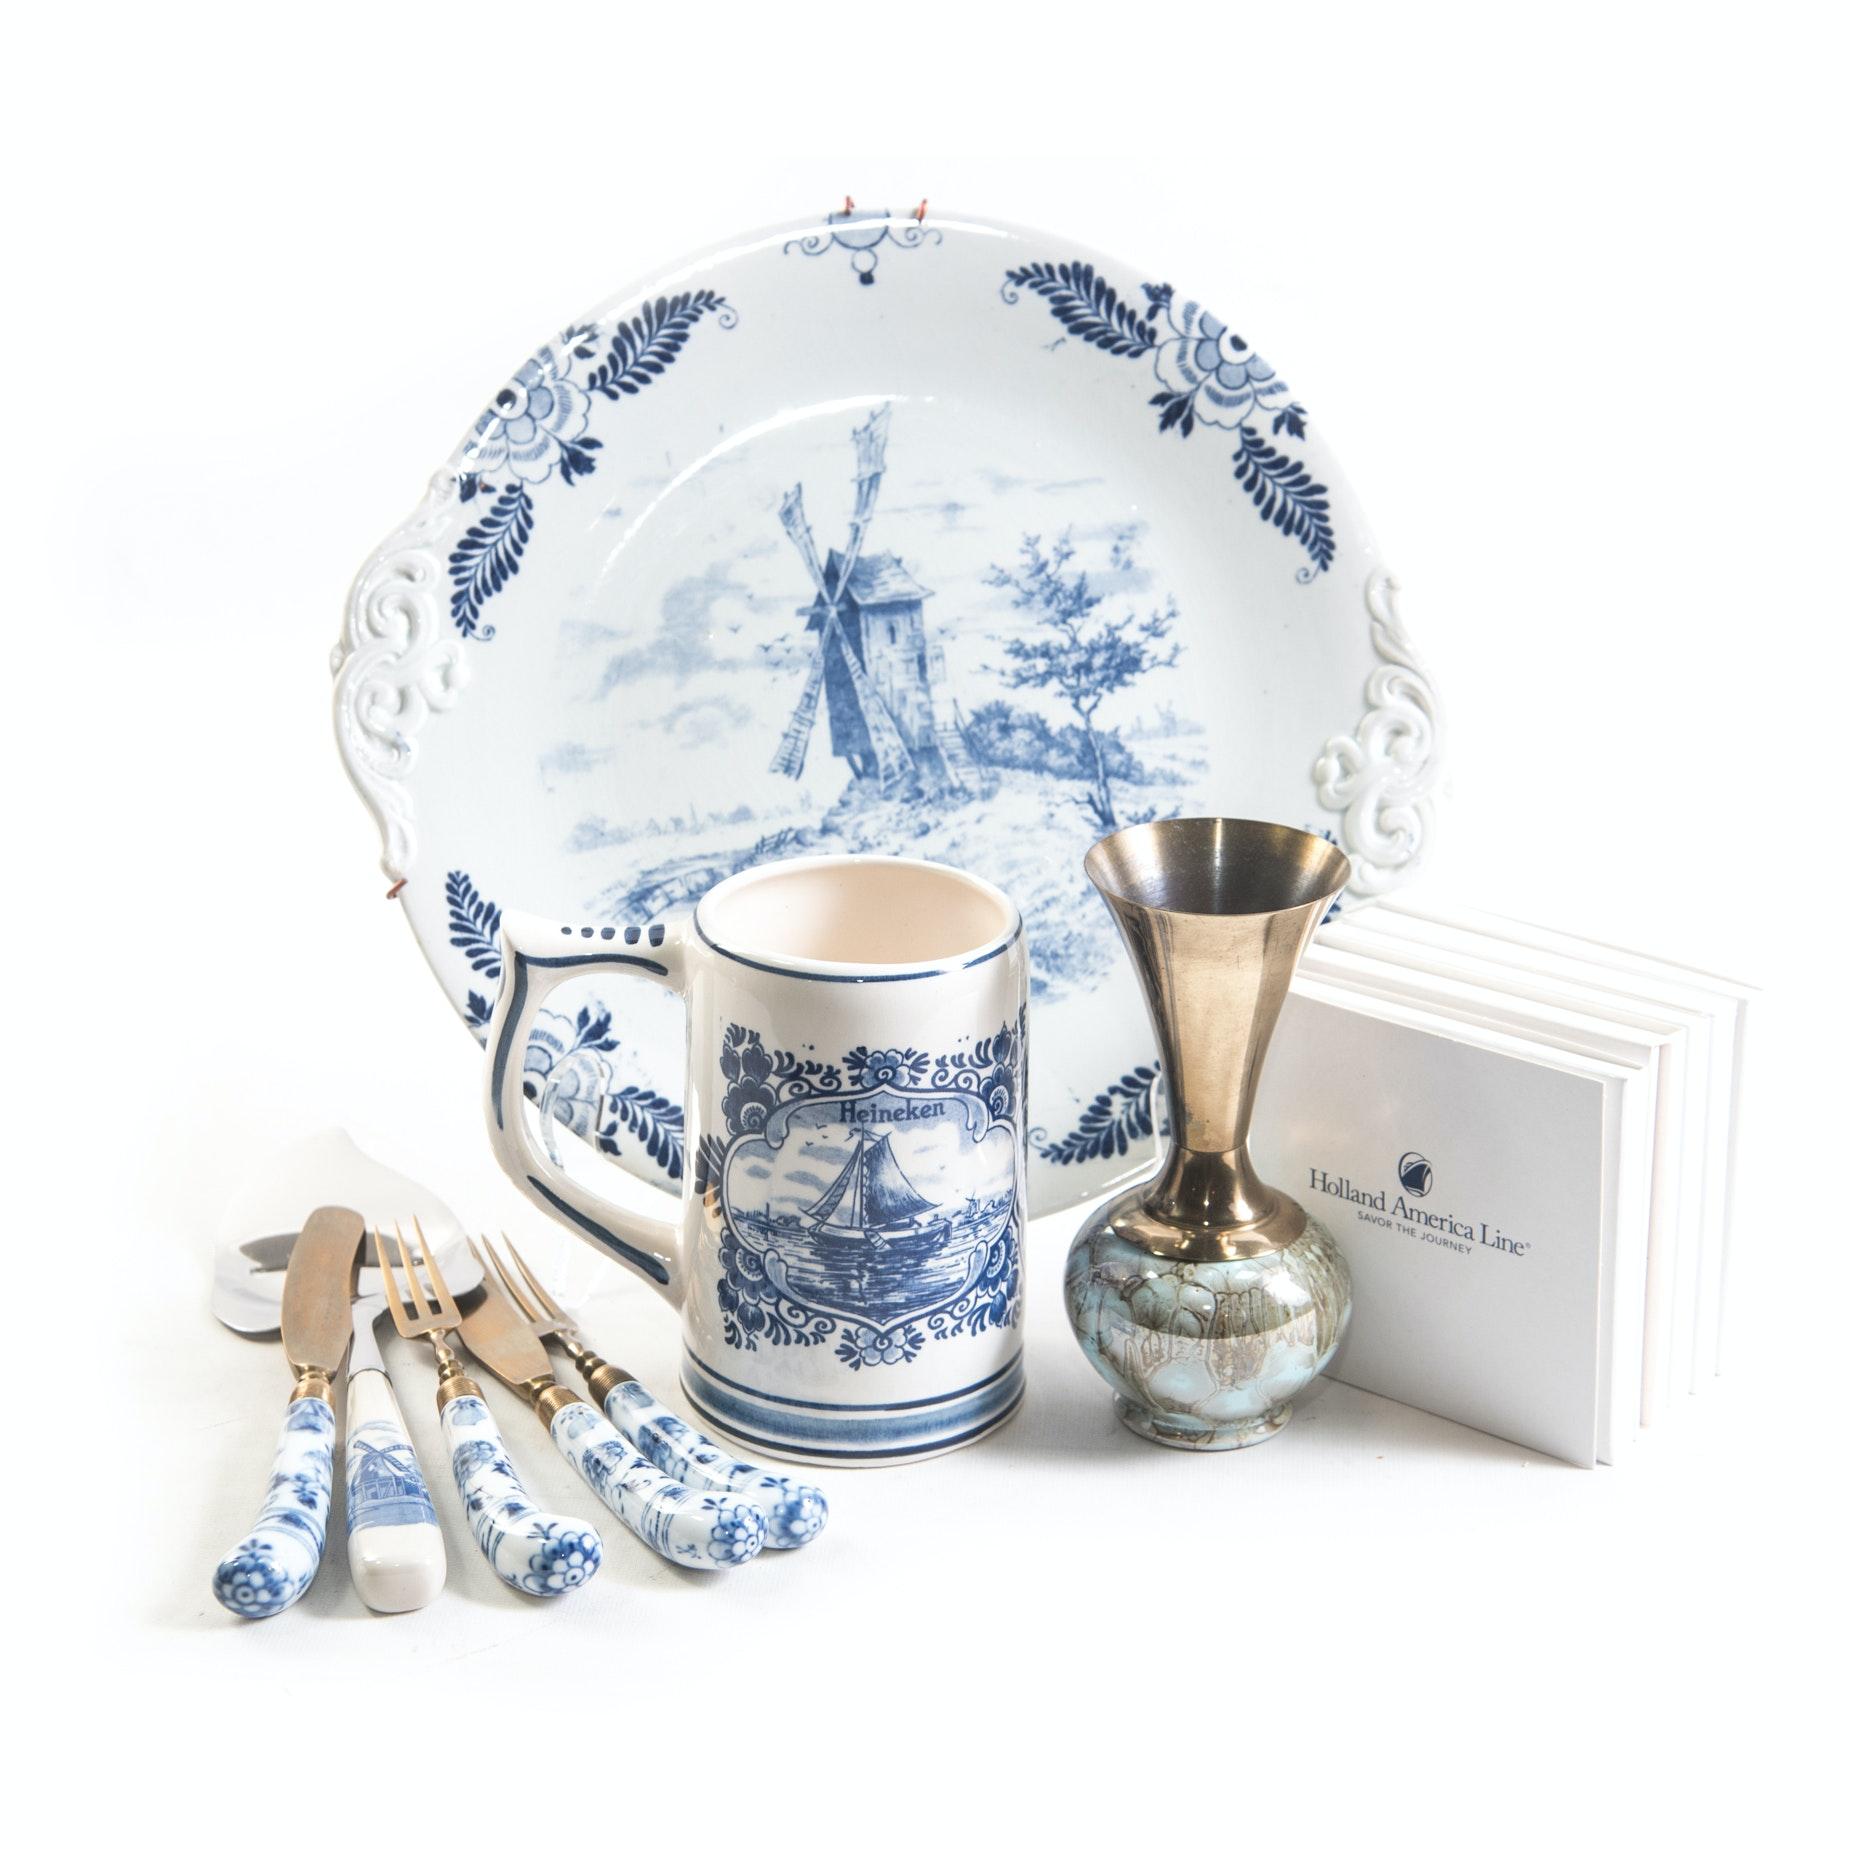 Delft Blue Tableware and Decor ...  sc 1 st  EBTH.com & Delft Blue Tableware and Decor : EBTH